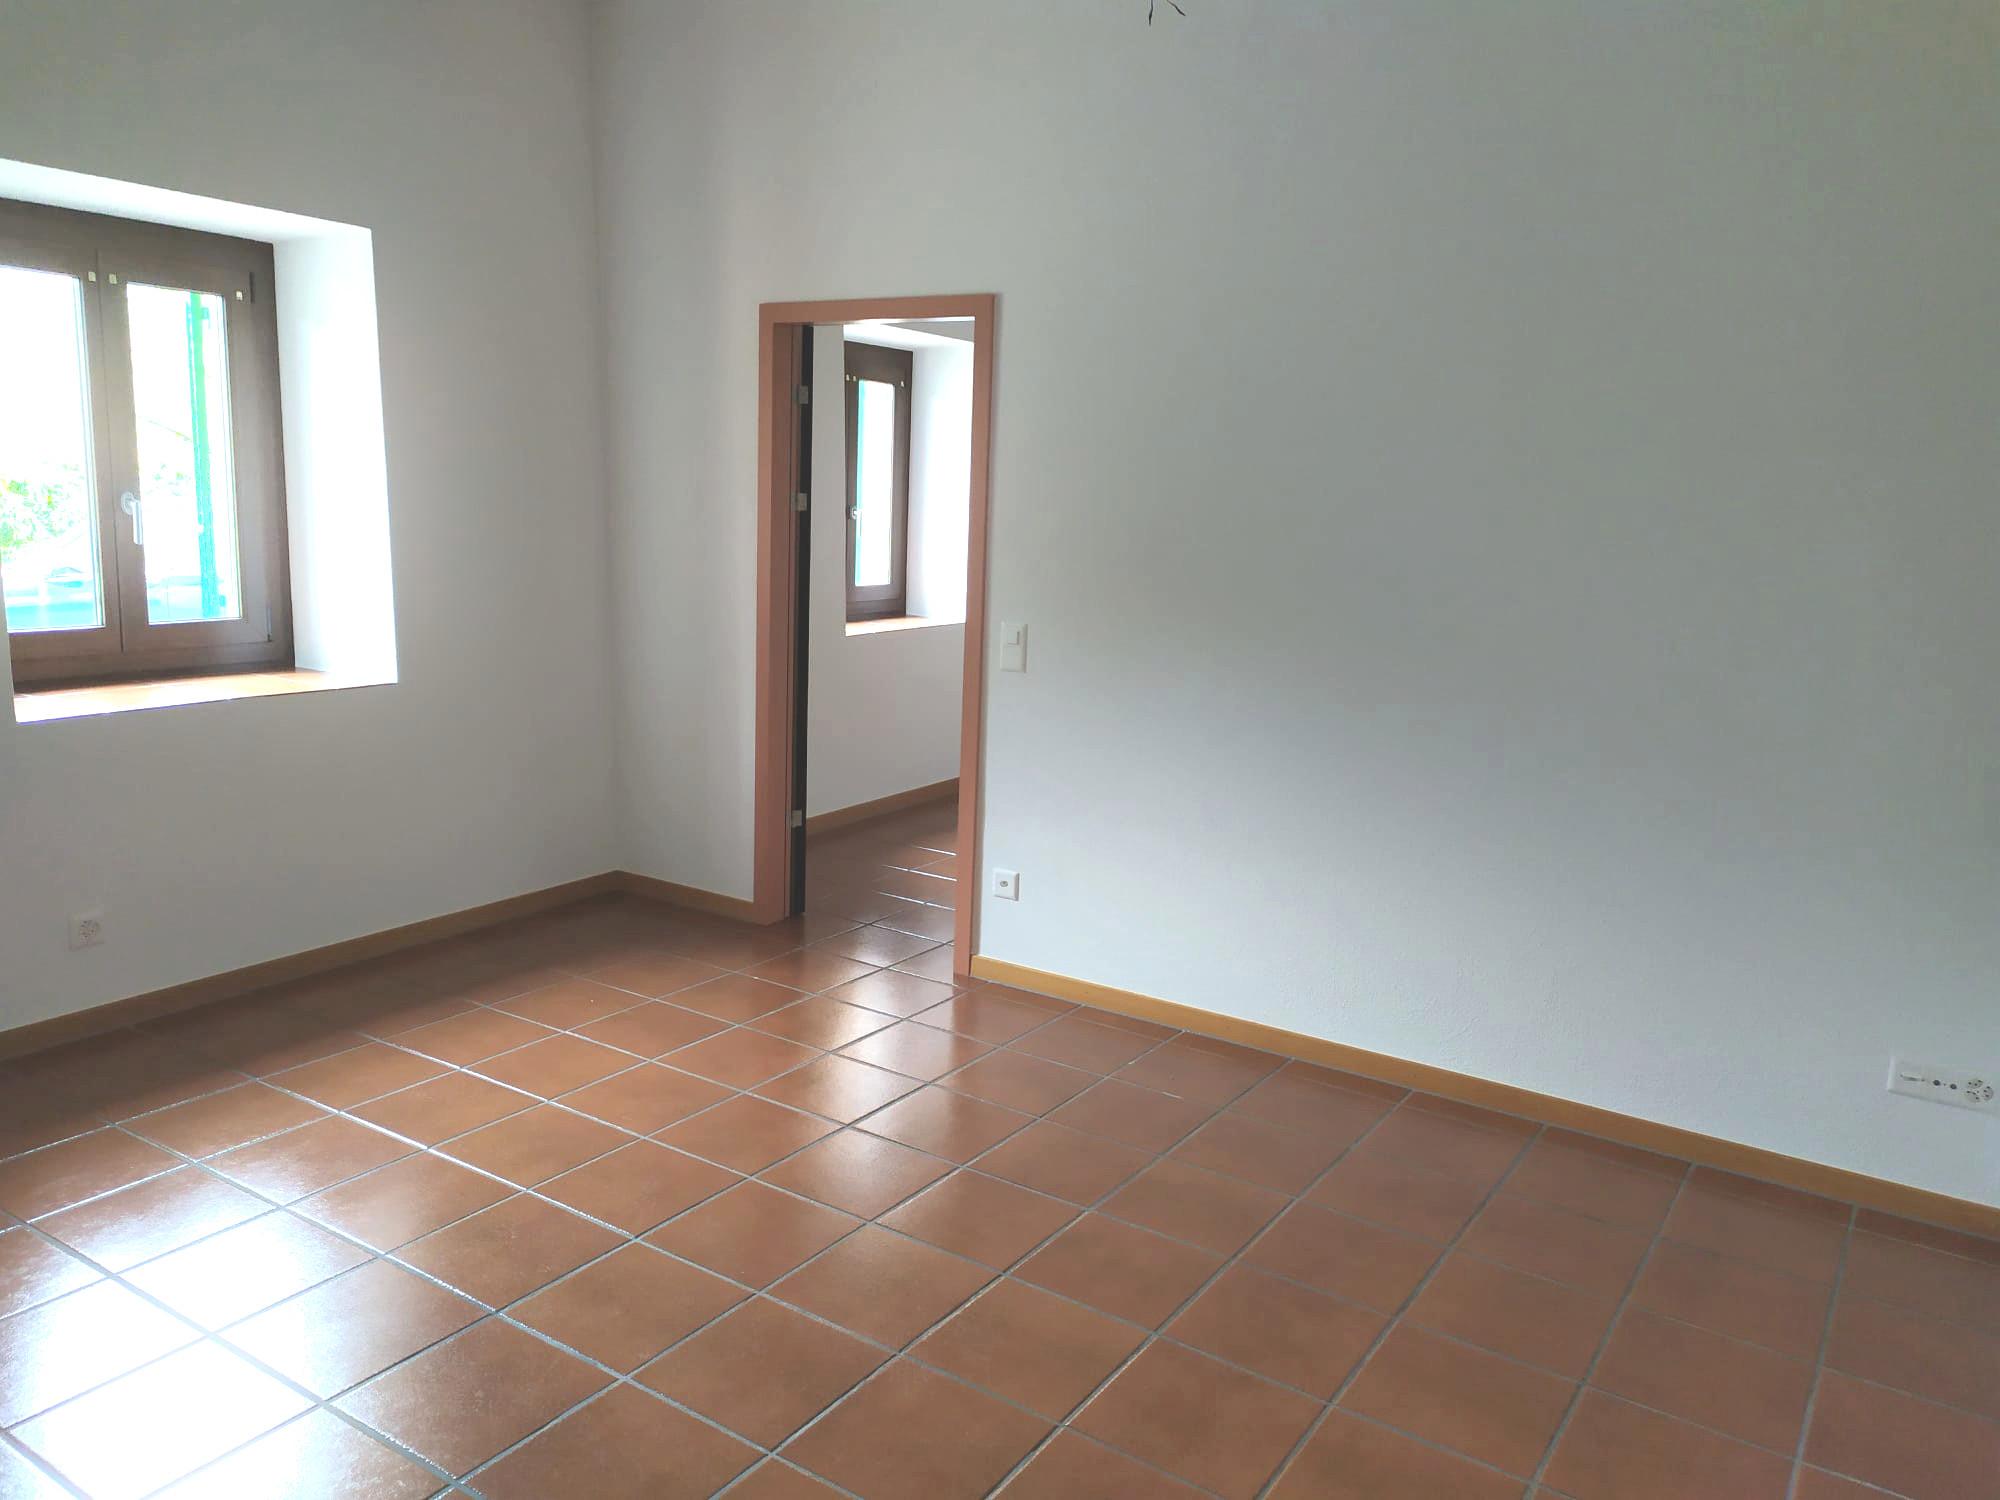 4 Via Caslaccio, Balerna, 6828, 1 Bedroom Bedrooms, ,1 BathroomBathrooms,Apartment,For Rent,Via Caslaccio,1084